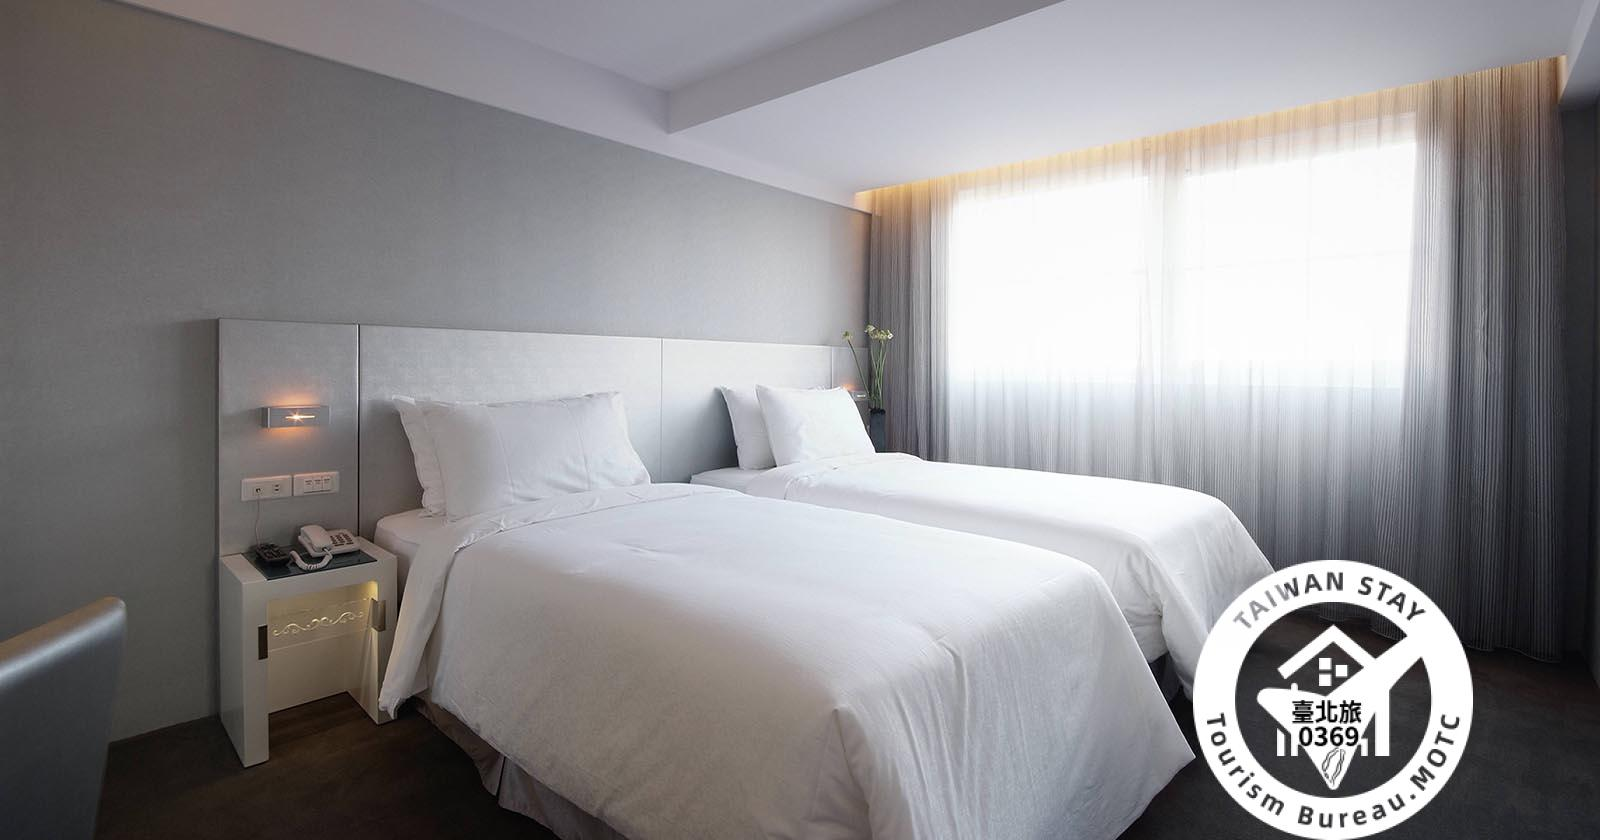 精緻客房兩小床照片_2